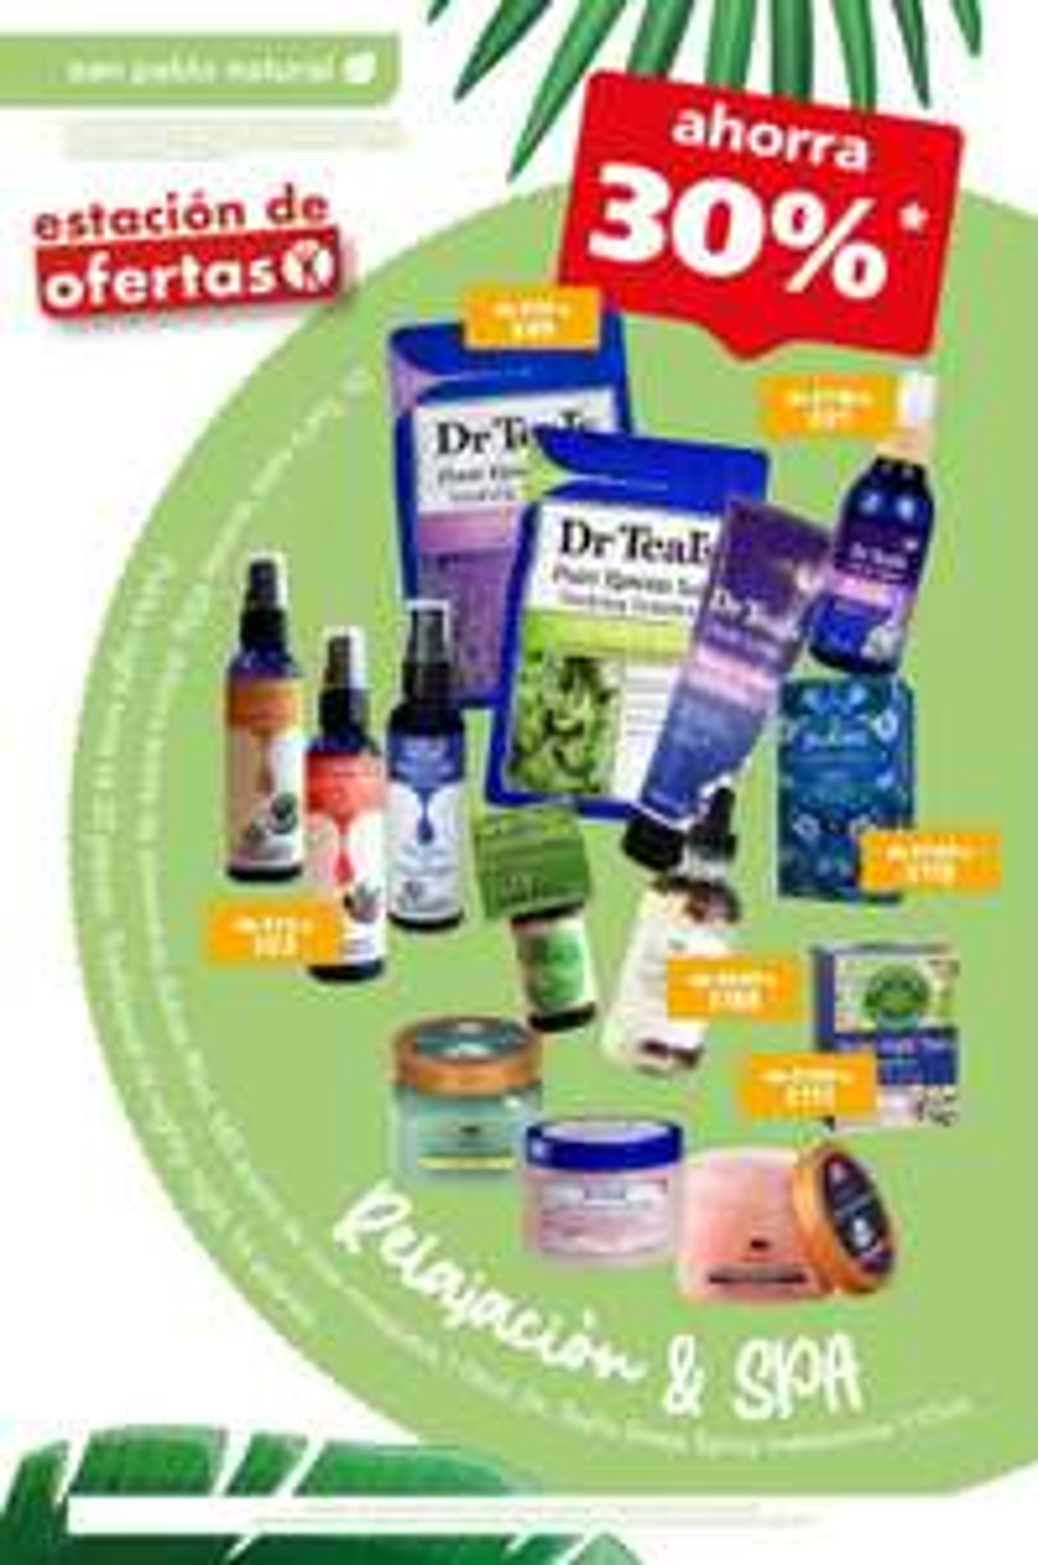 Farmacias San Pablo: 30% de descuento en productos de Relajación & Spa San Pablo Natural